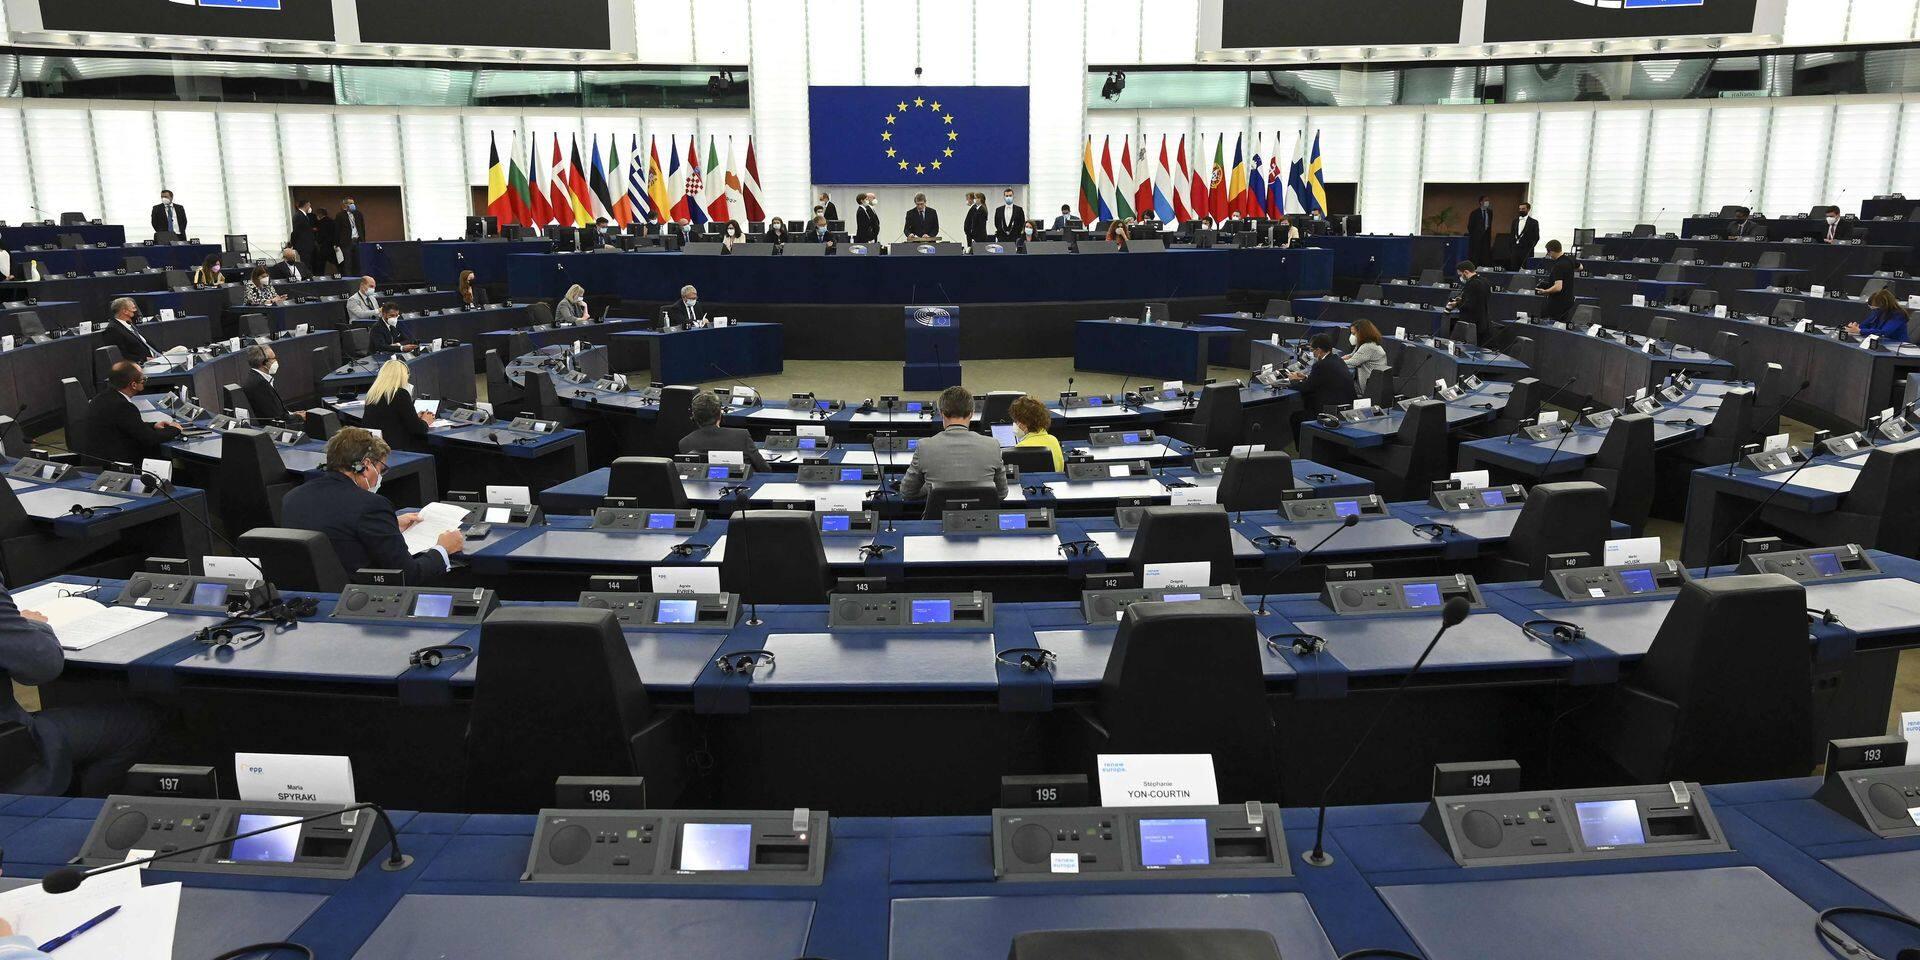 """""""Il est grand temps que la Commission fasse ses devoirs"""" : Les eurodéputés somment la Commission d'utiliser son nouvel outil de défense de l'état de droit"""